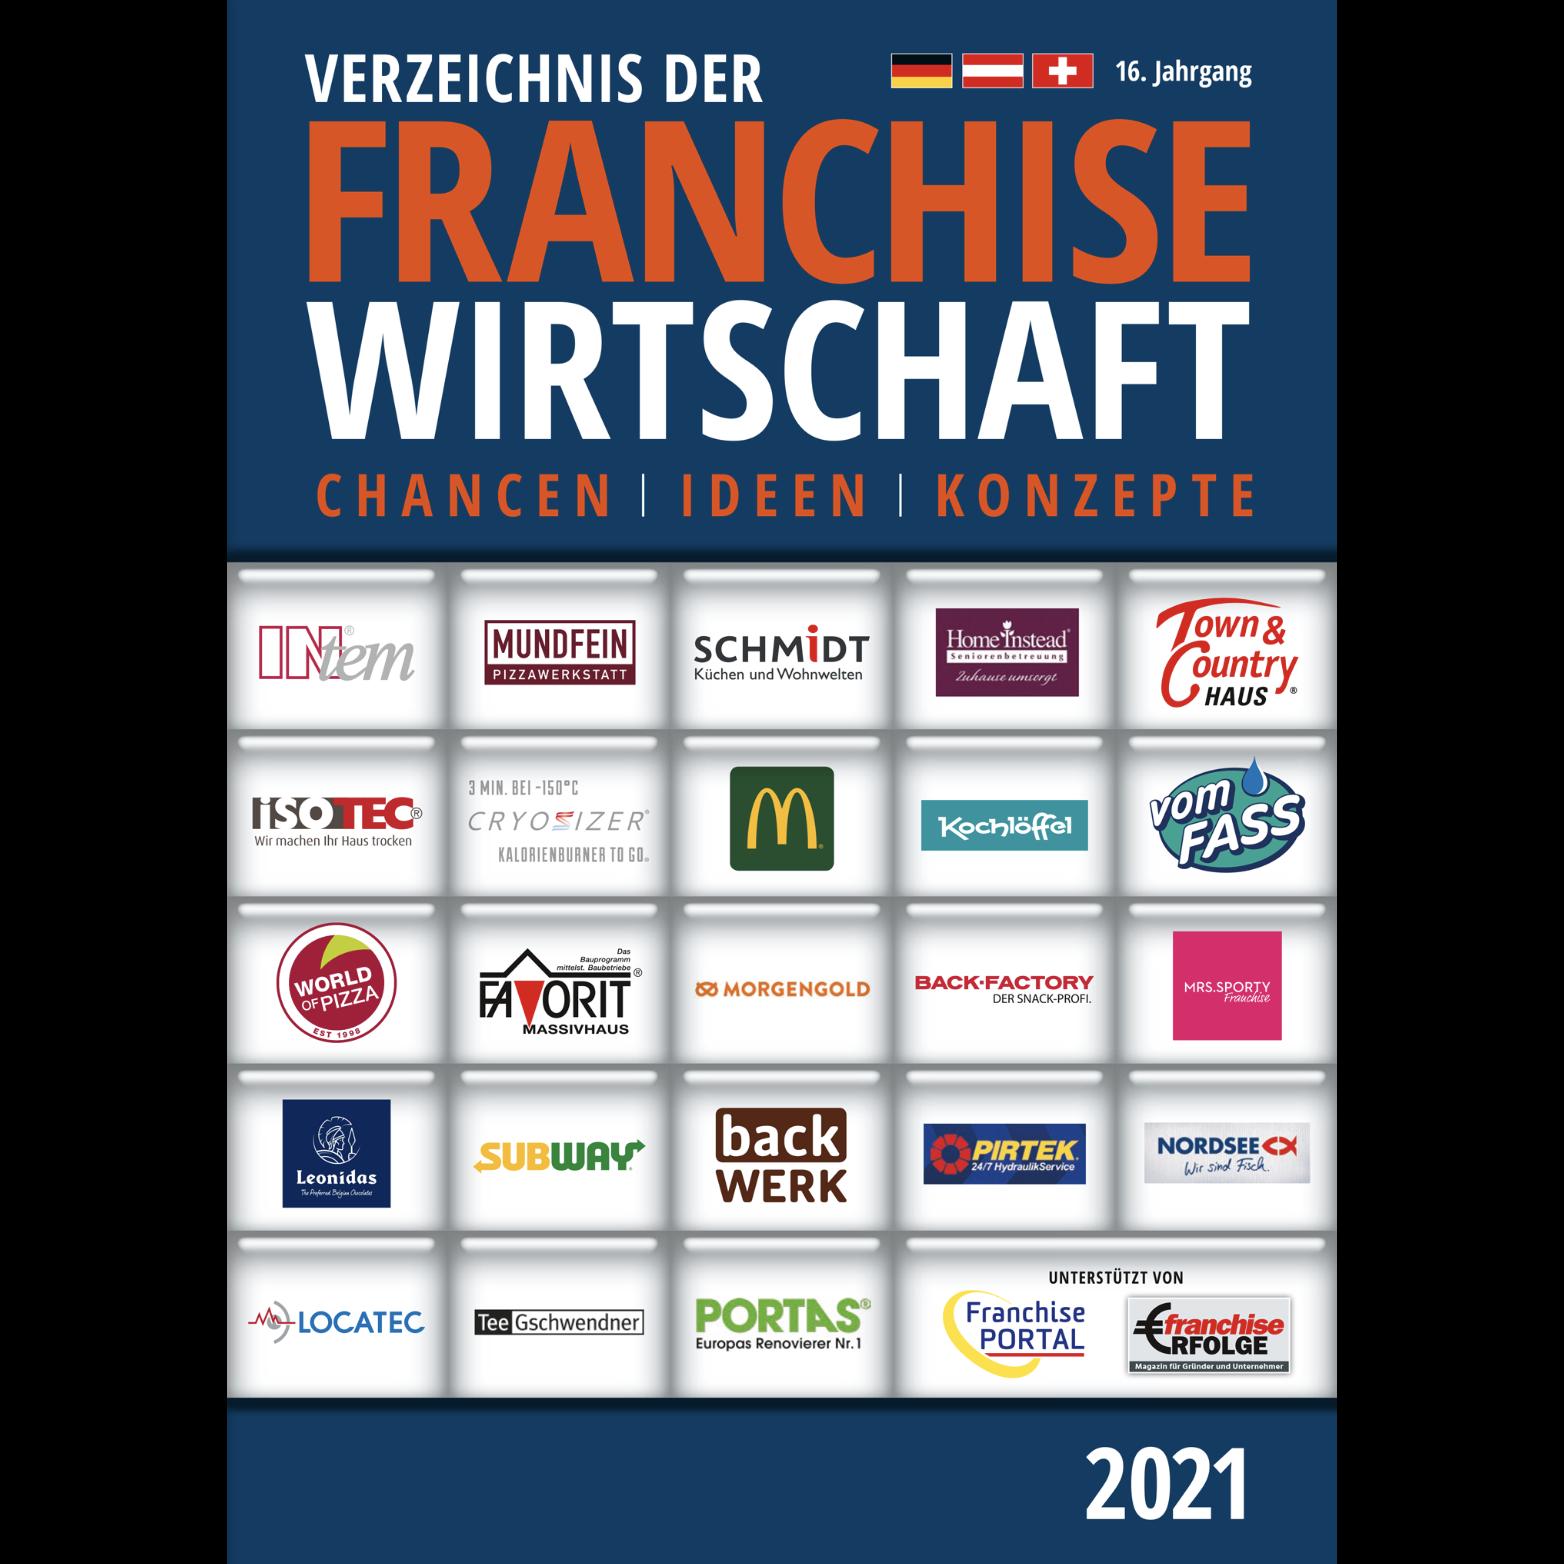 """Neu erschienen: """"Verzeichnis der FranchiseWirtschaft 2021"""" mit rund 1000 Gründungsangeboten"""